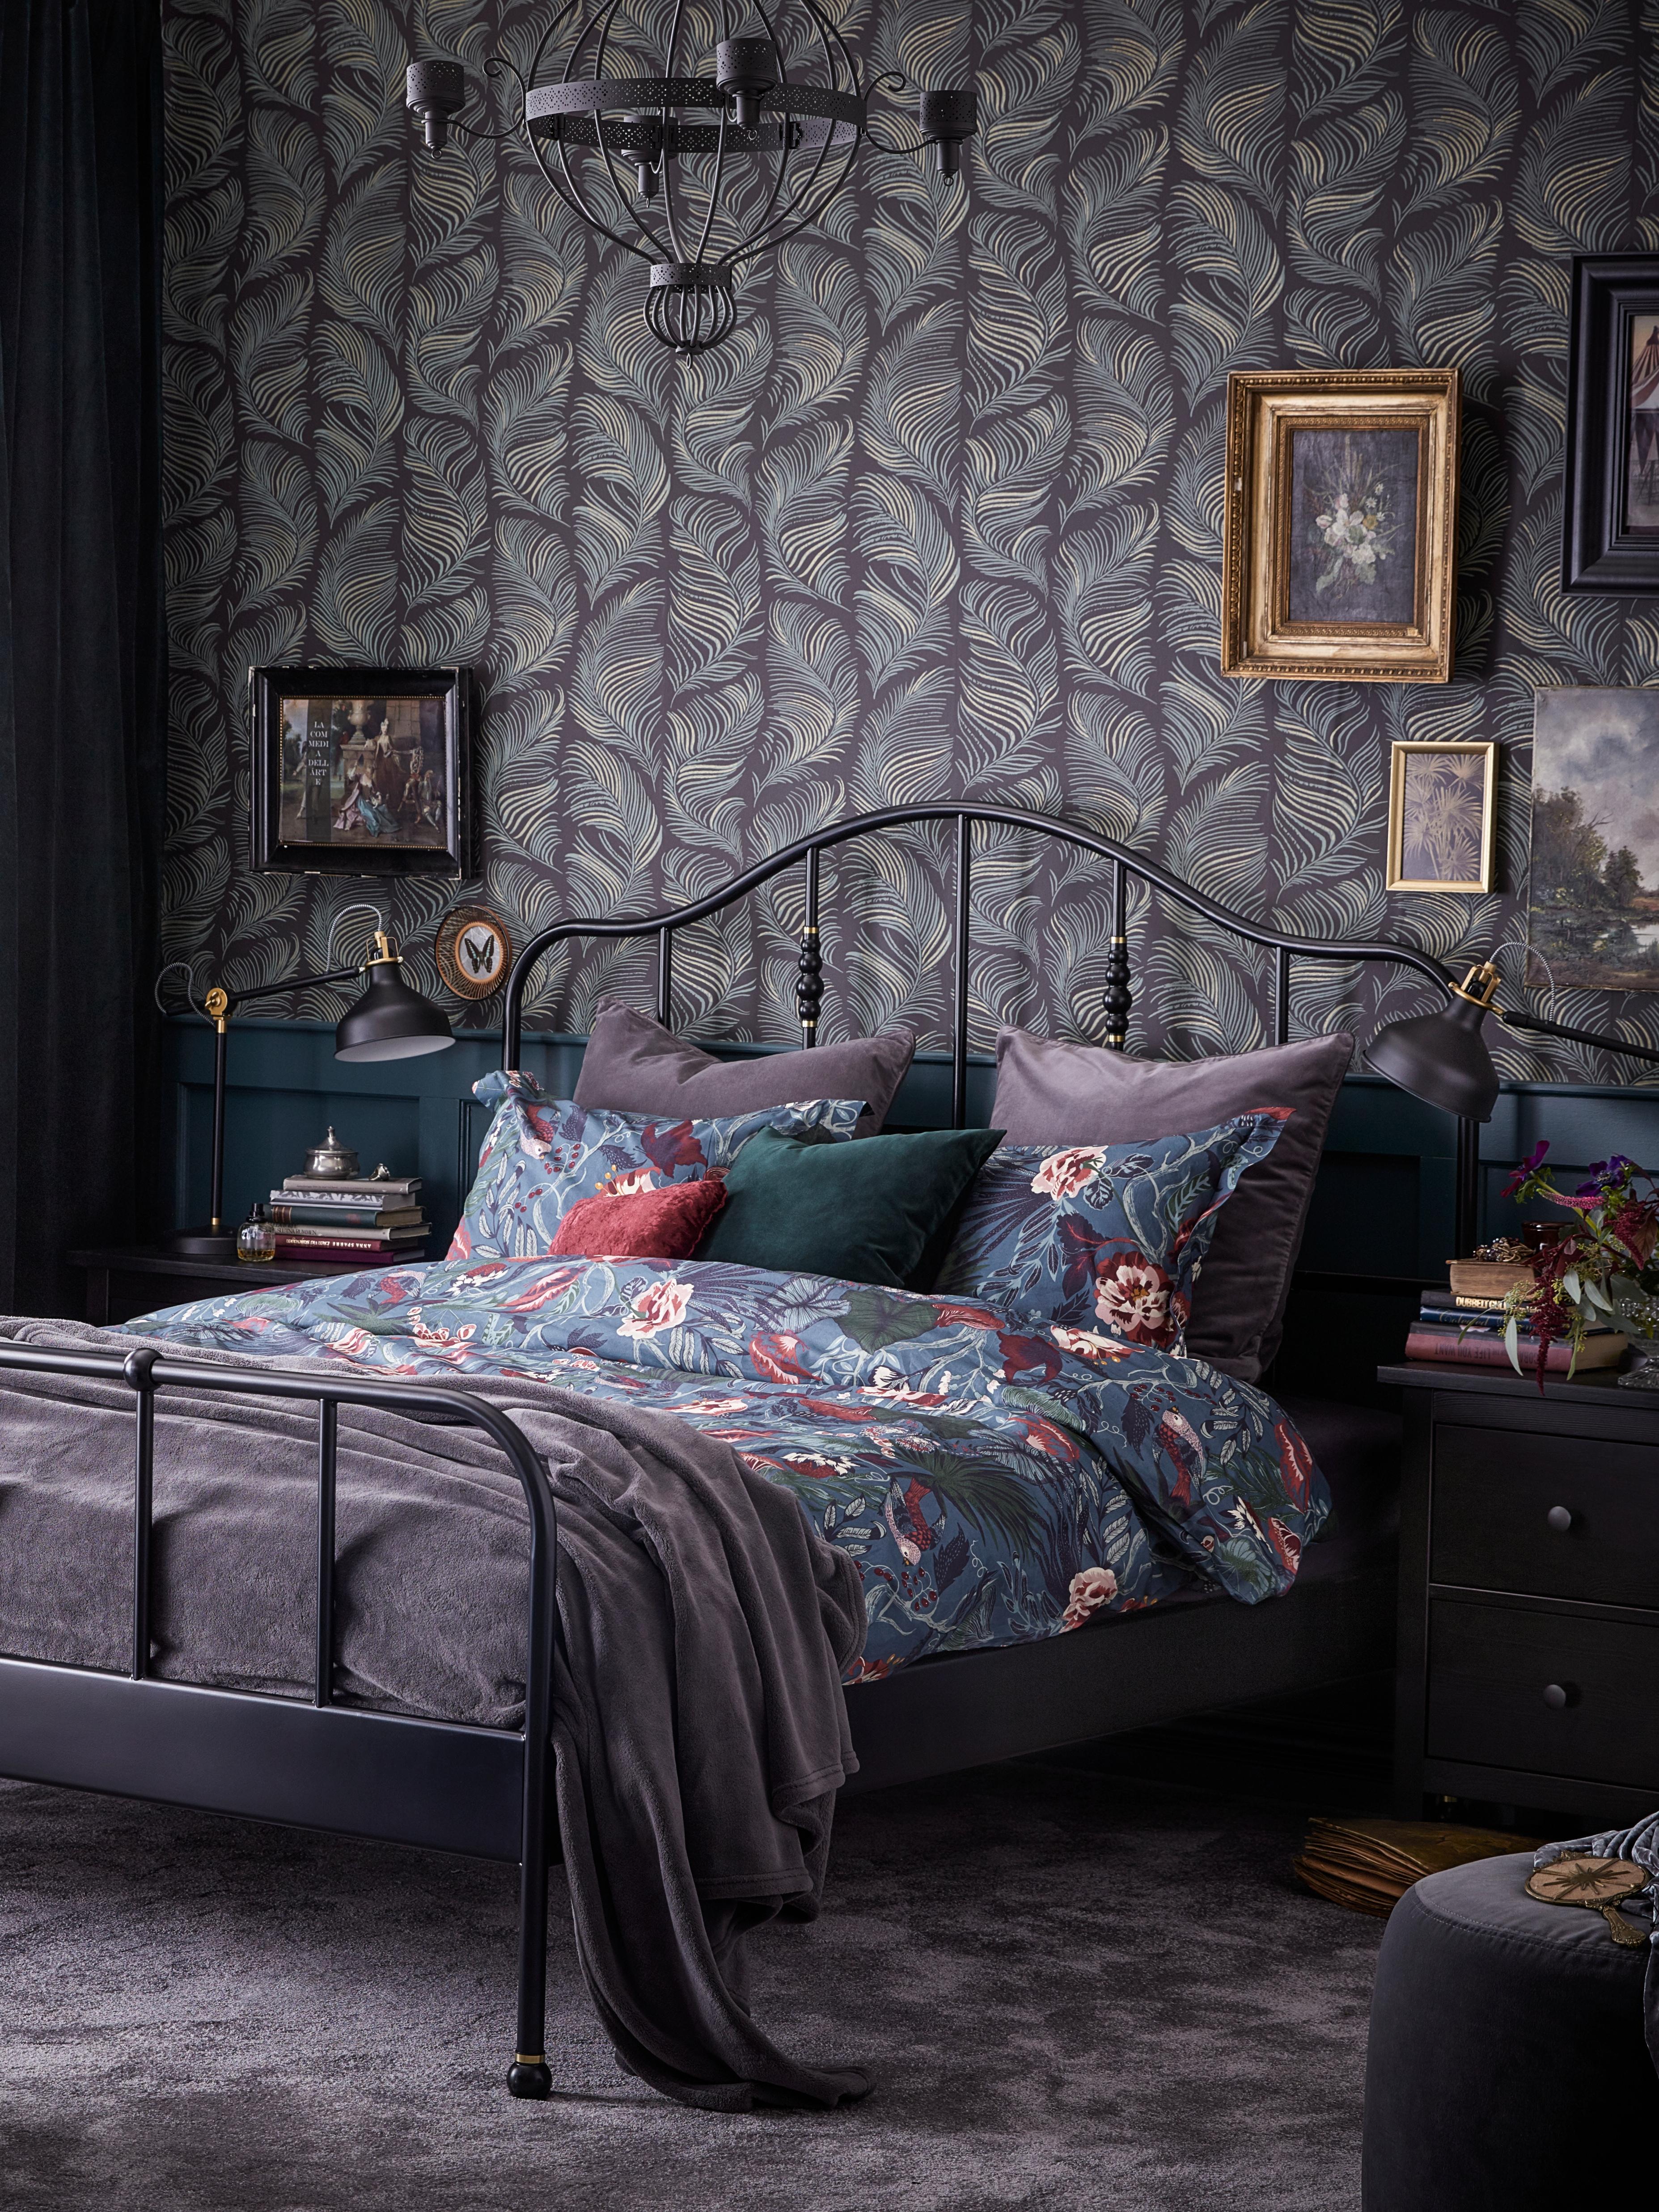 U spavaćoj sobi se nalazi SAGSTUA crni okvir kreveta s tamnoplavom jorganskom navlakom cvetnog dezena pored crne komode s dve fioke.